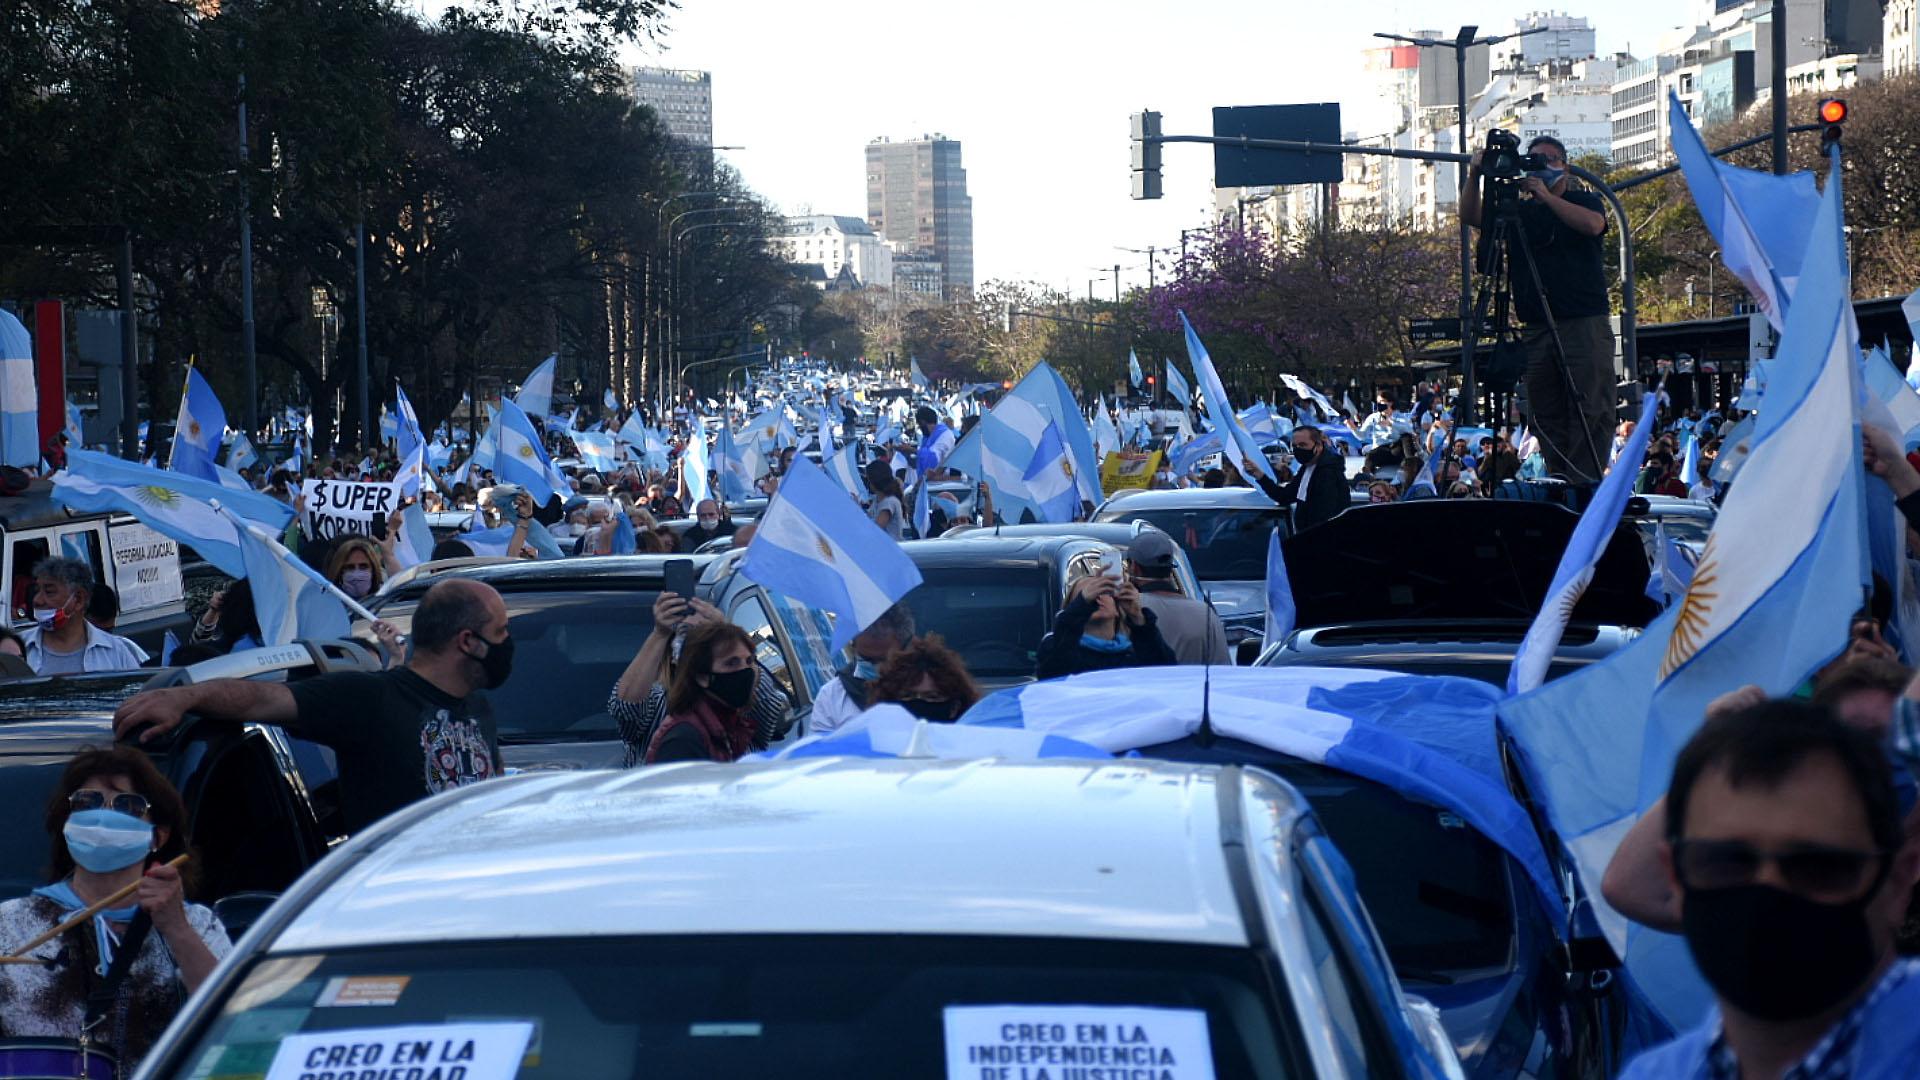 Las principales críticas de los manifestantes fueron contra el kirchnerismo